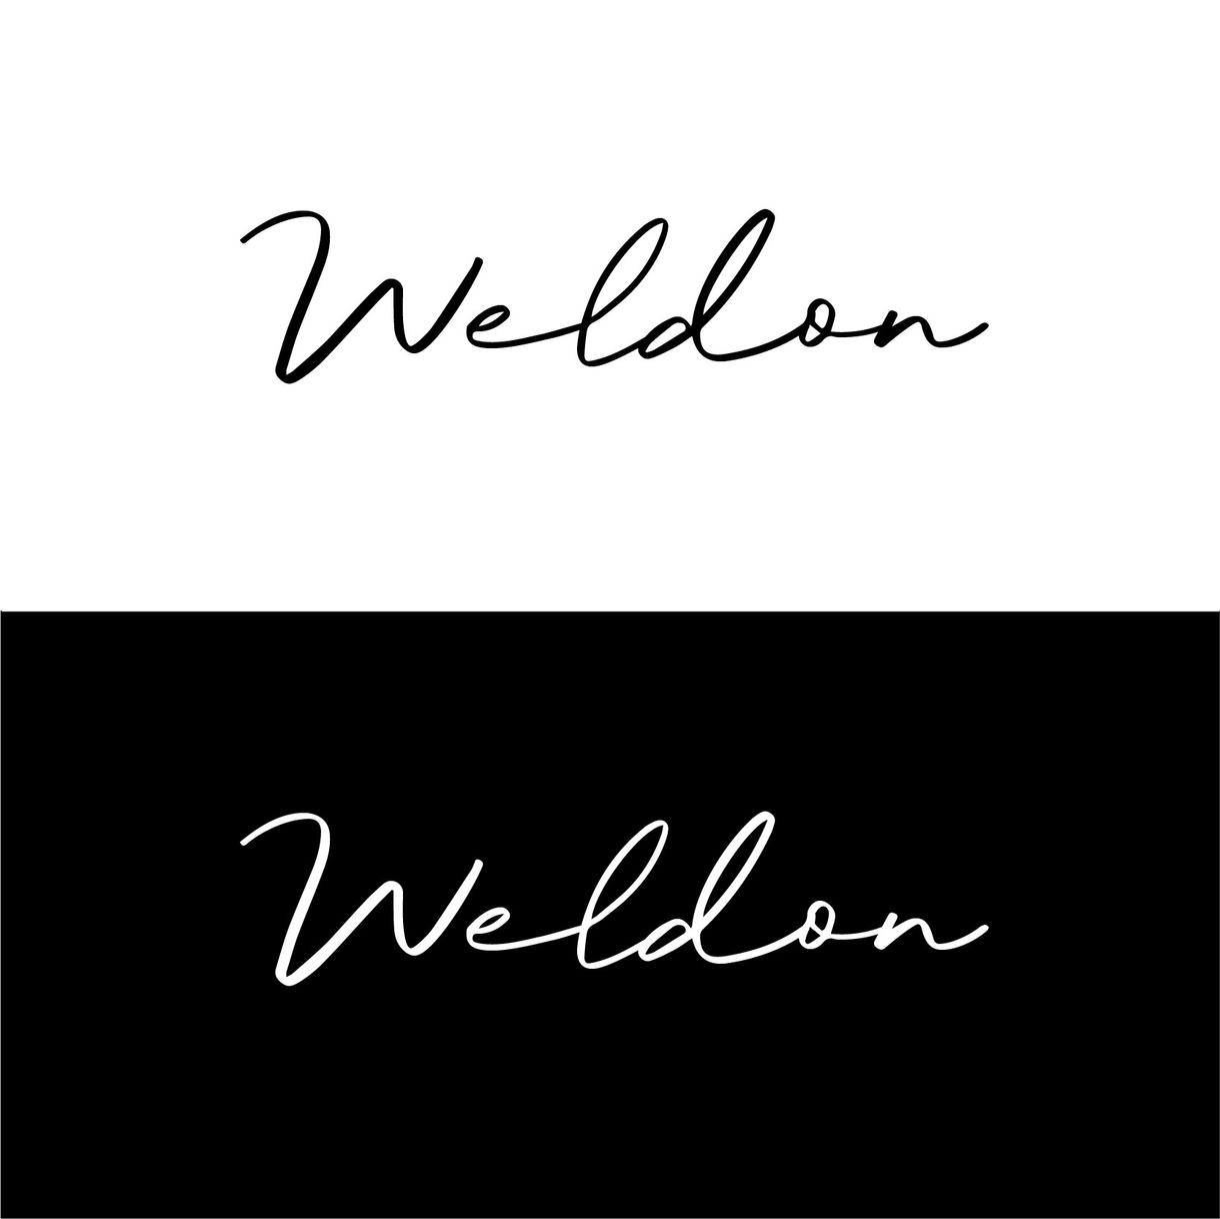 現役のプロデザイナーがフォントロゴをお作りします 店舗や団体のシンプルな文字フォントをお安く提供!